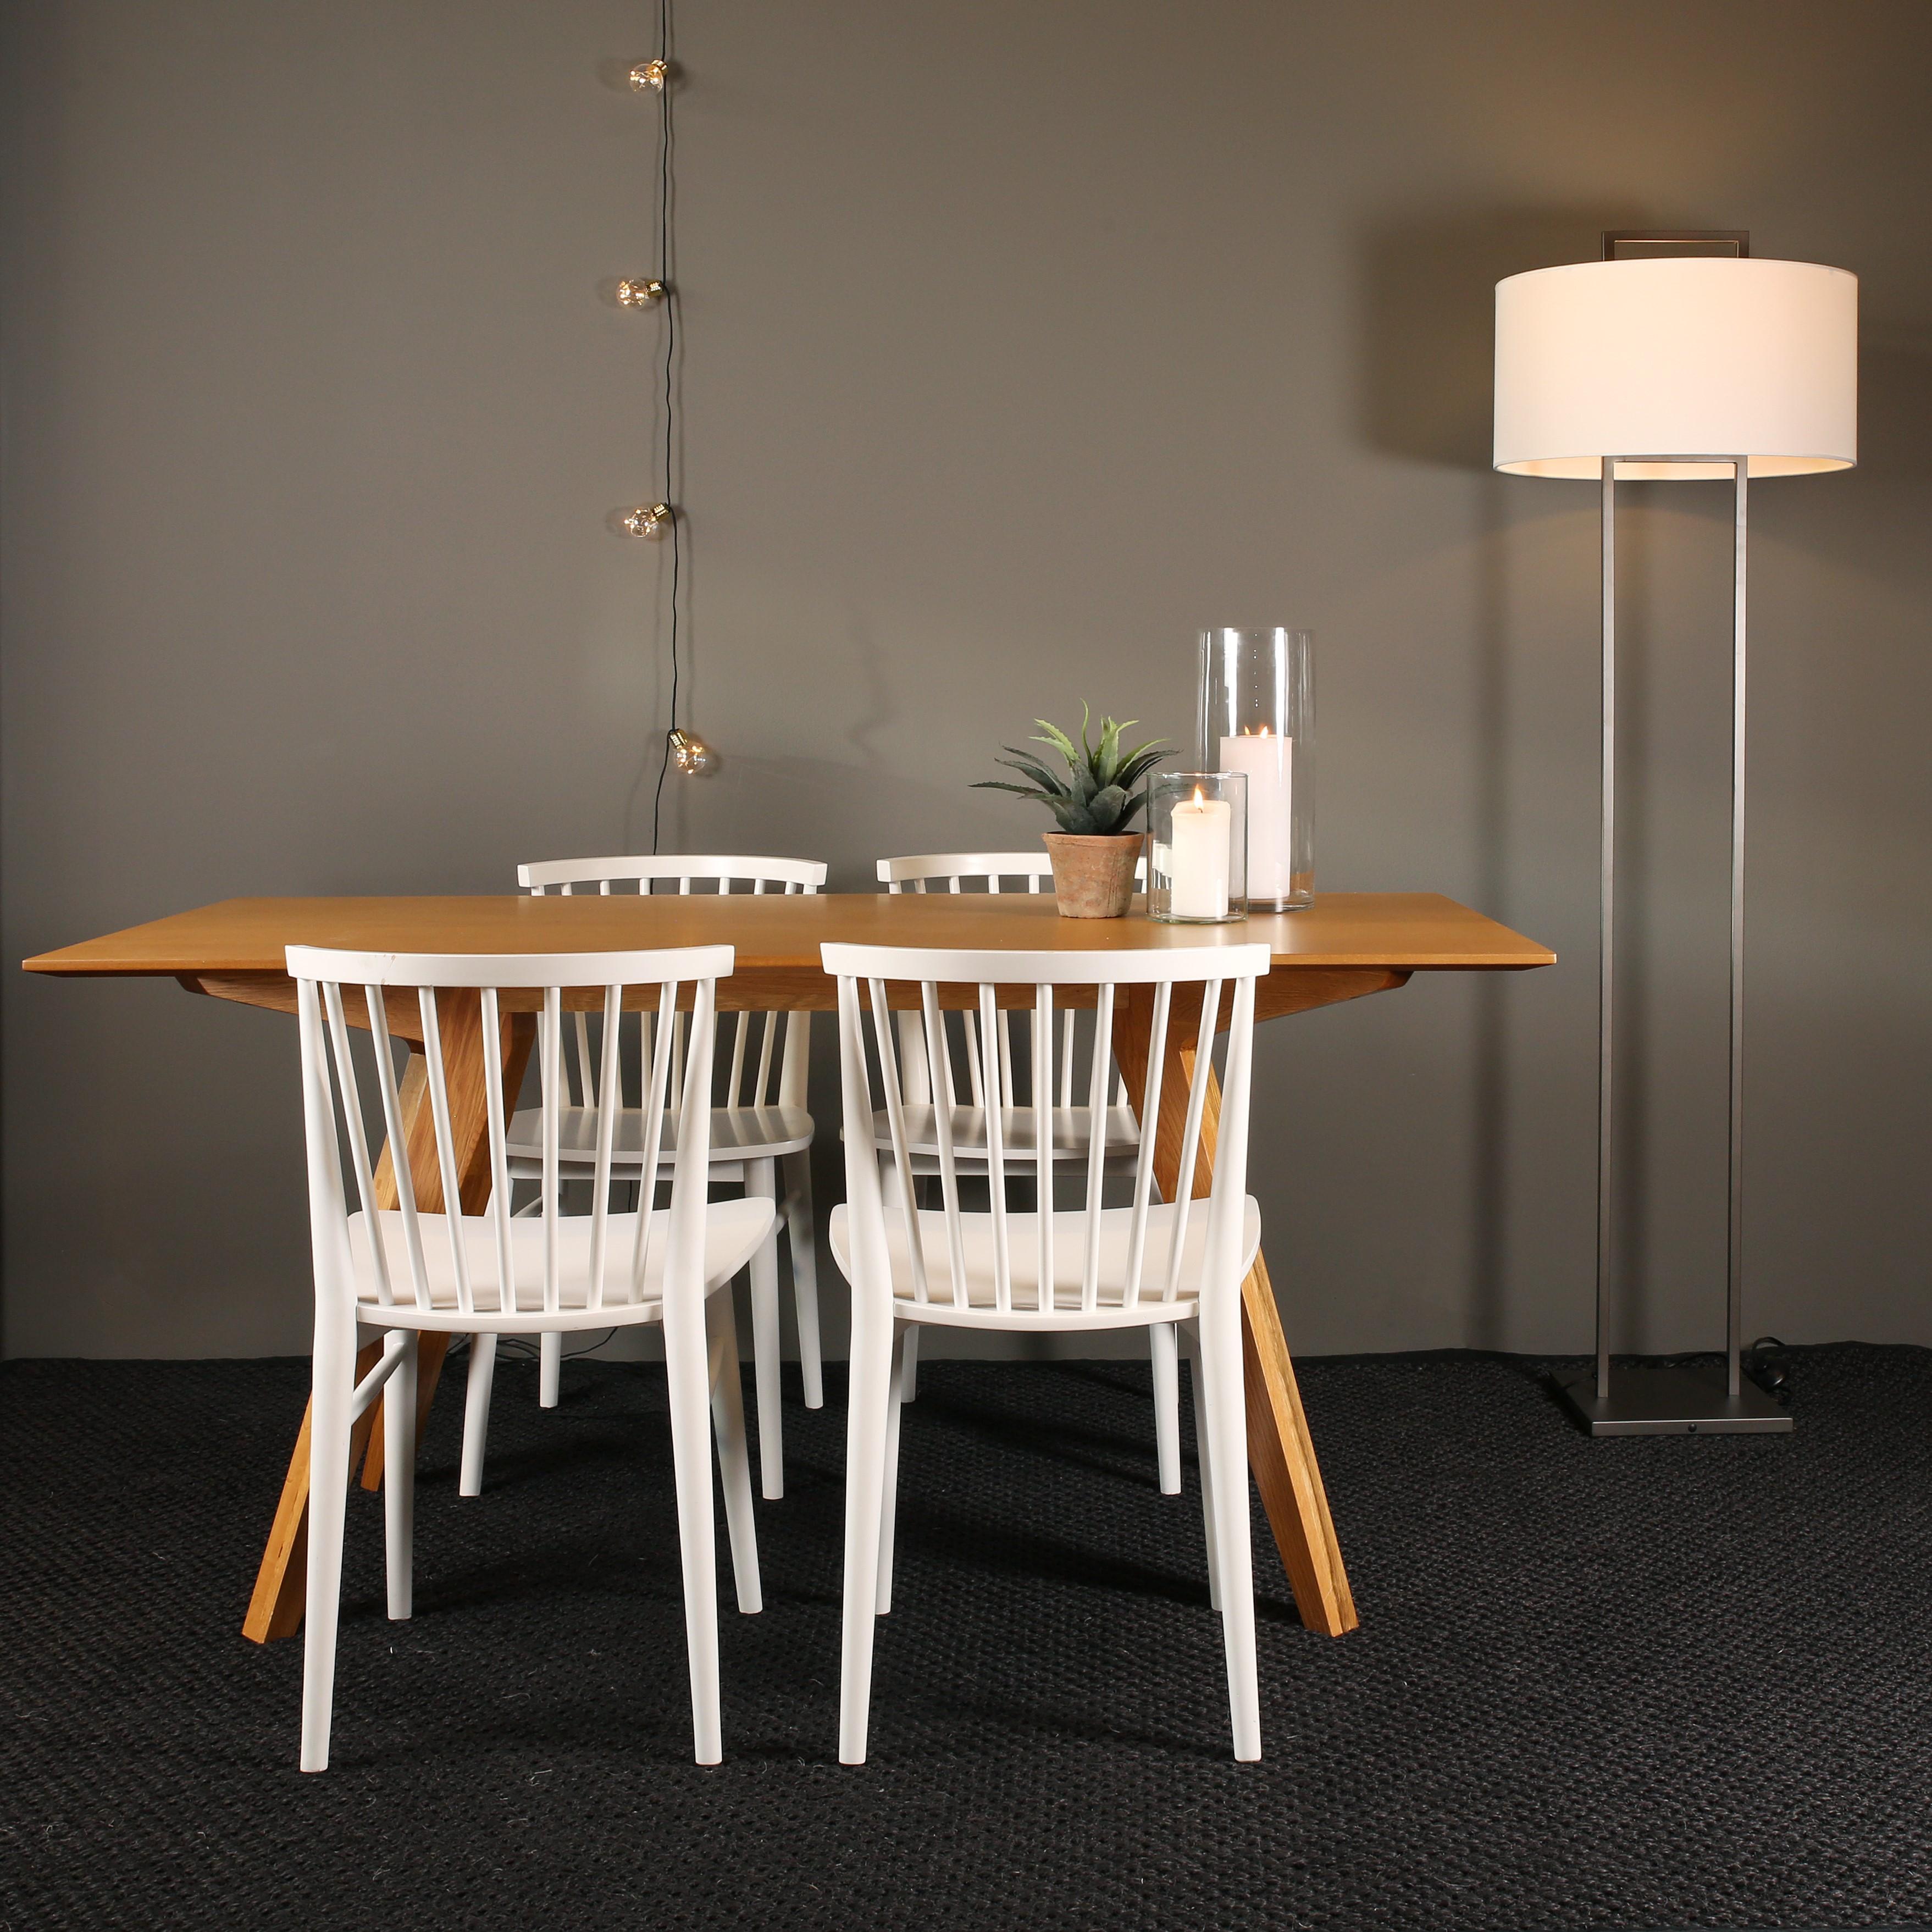 møbler 4 Stoler | FINN.no